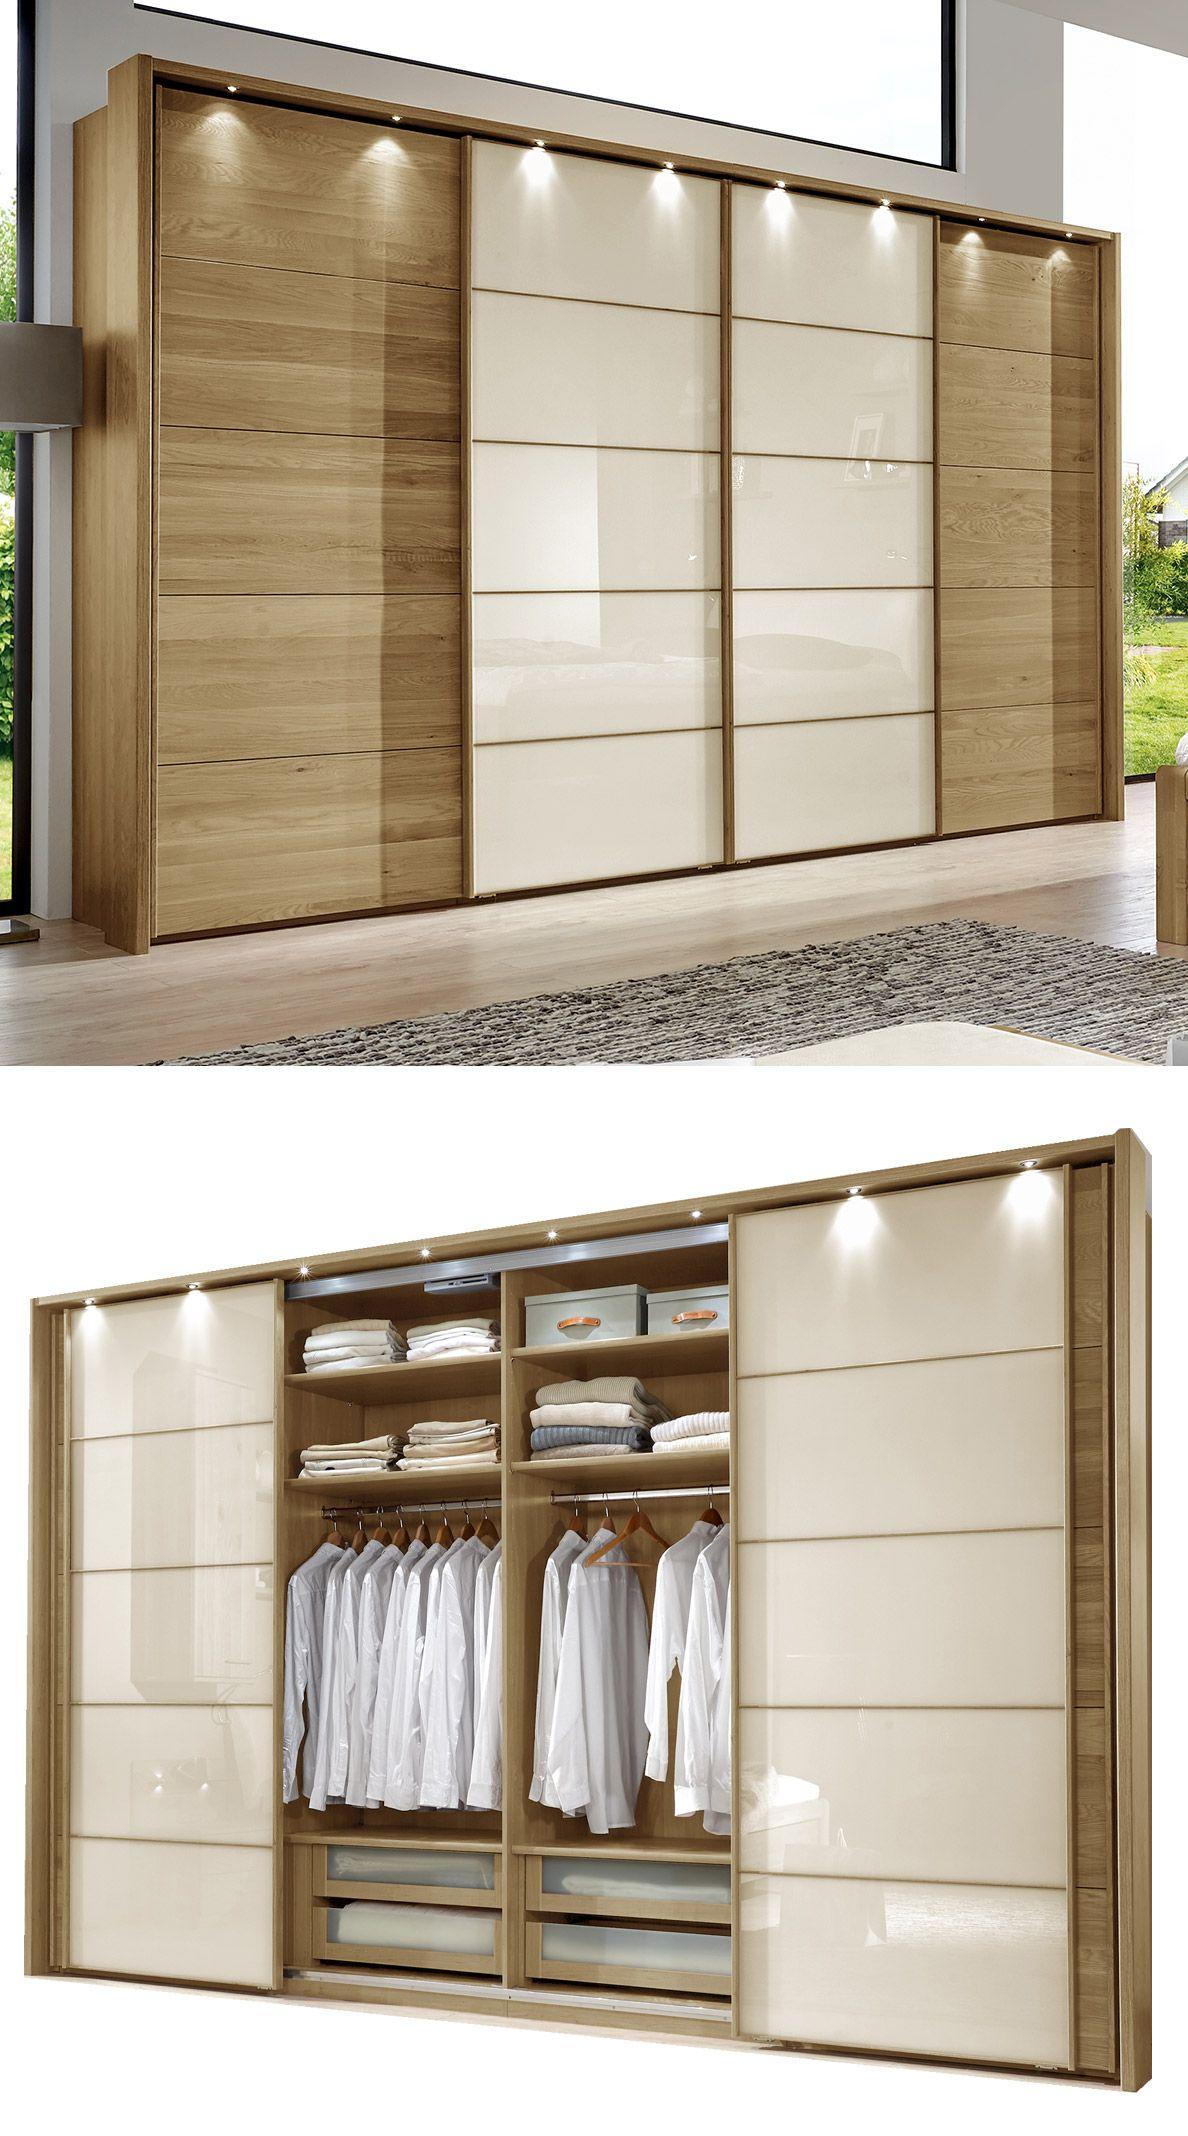 Beautiful The best Kleiderschrank eiche ideas on Pinterest Garderobe eiche Eiche Regale and Offener schrank